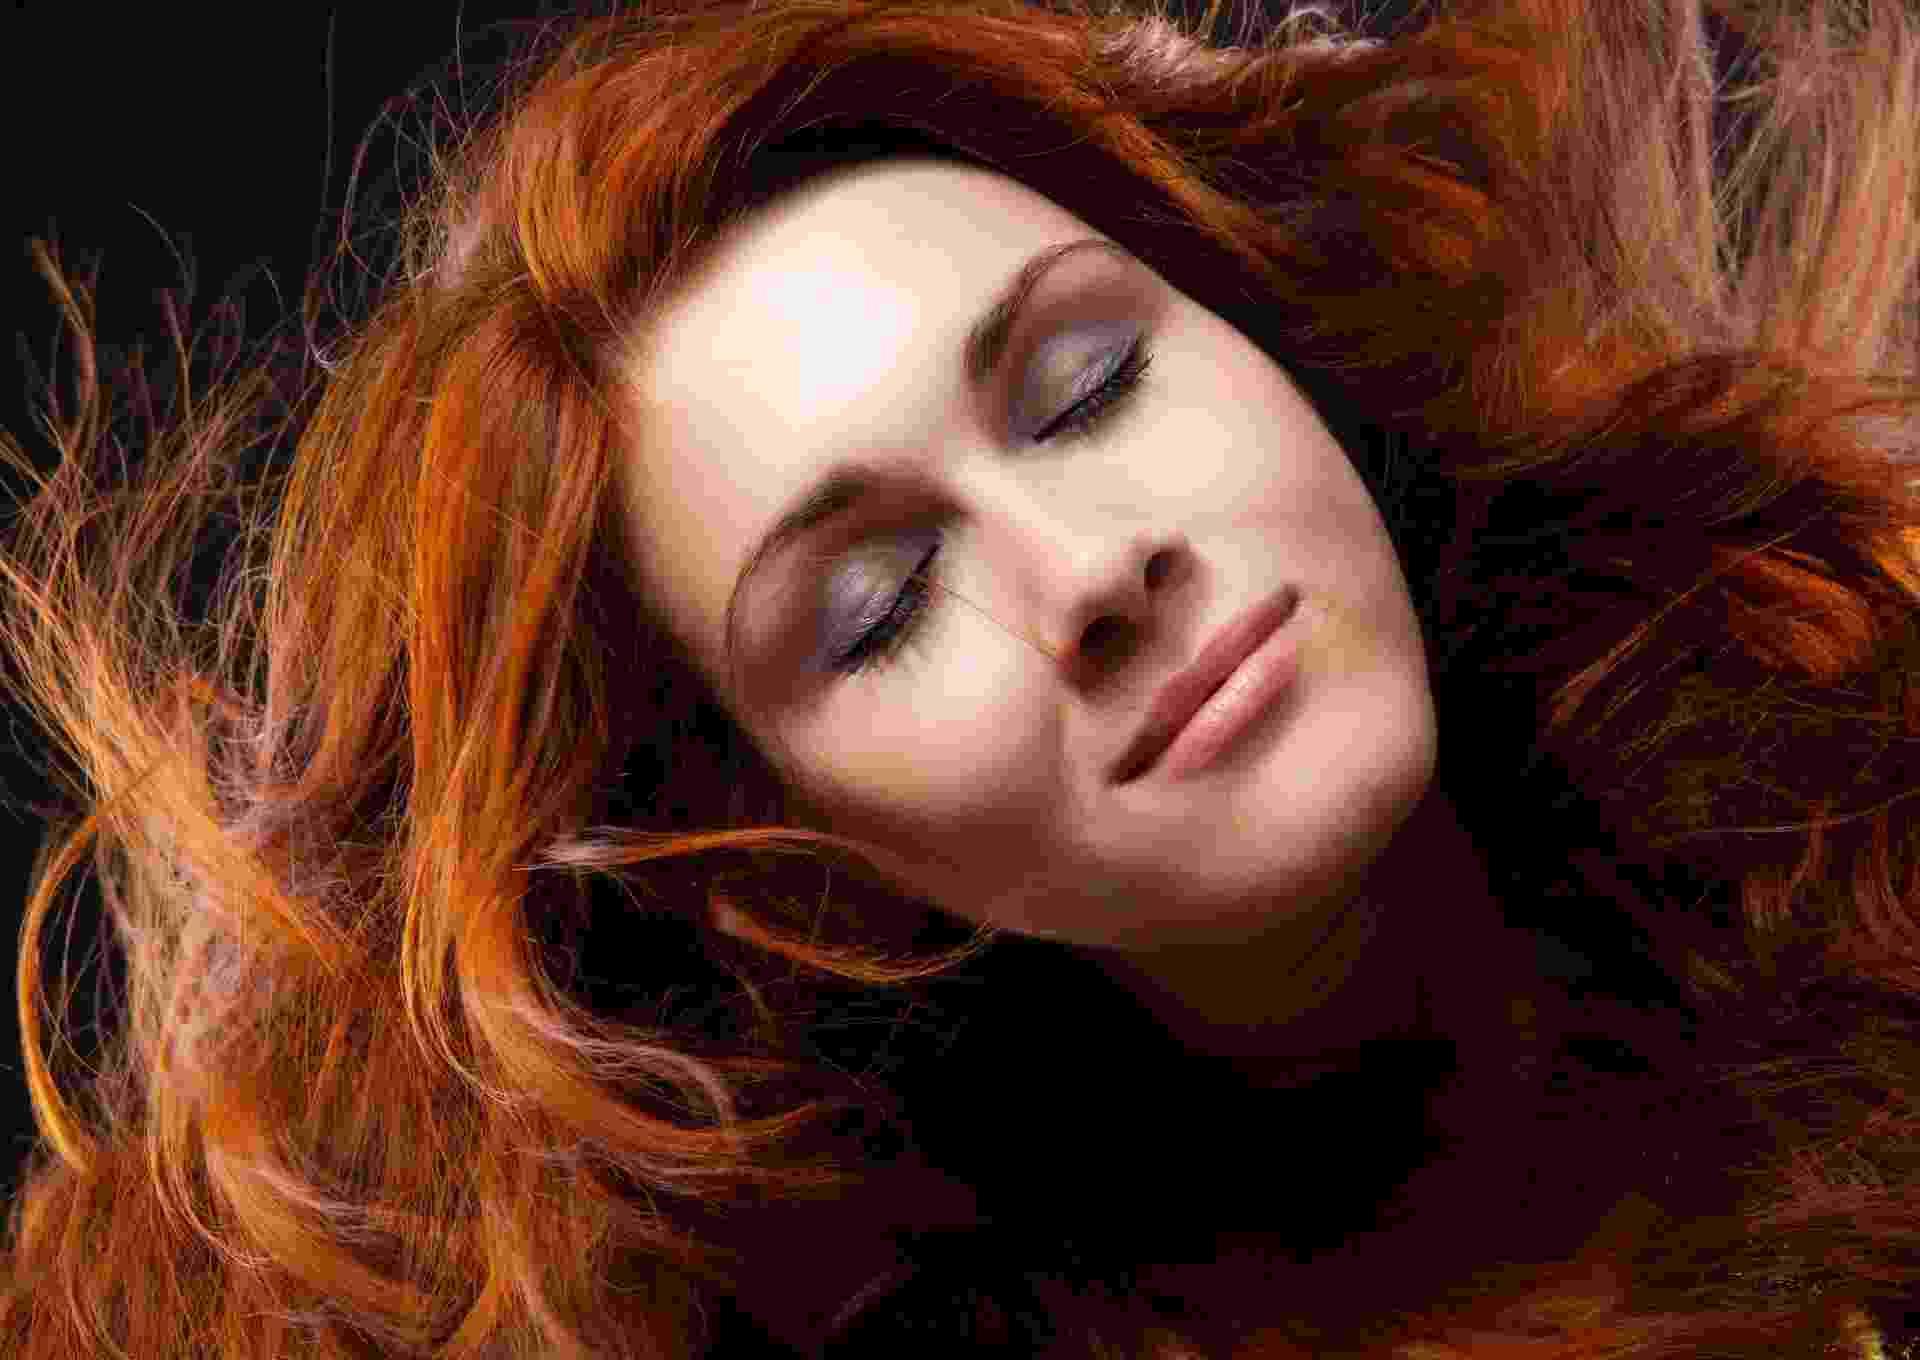 Mulher com os cabelos tingidos de ruivo - Thinkstock